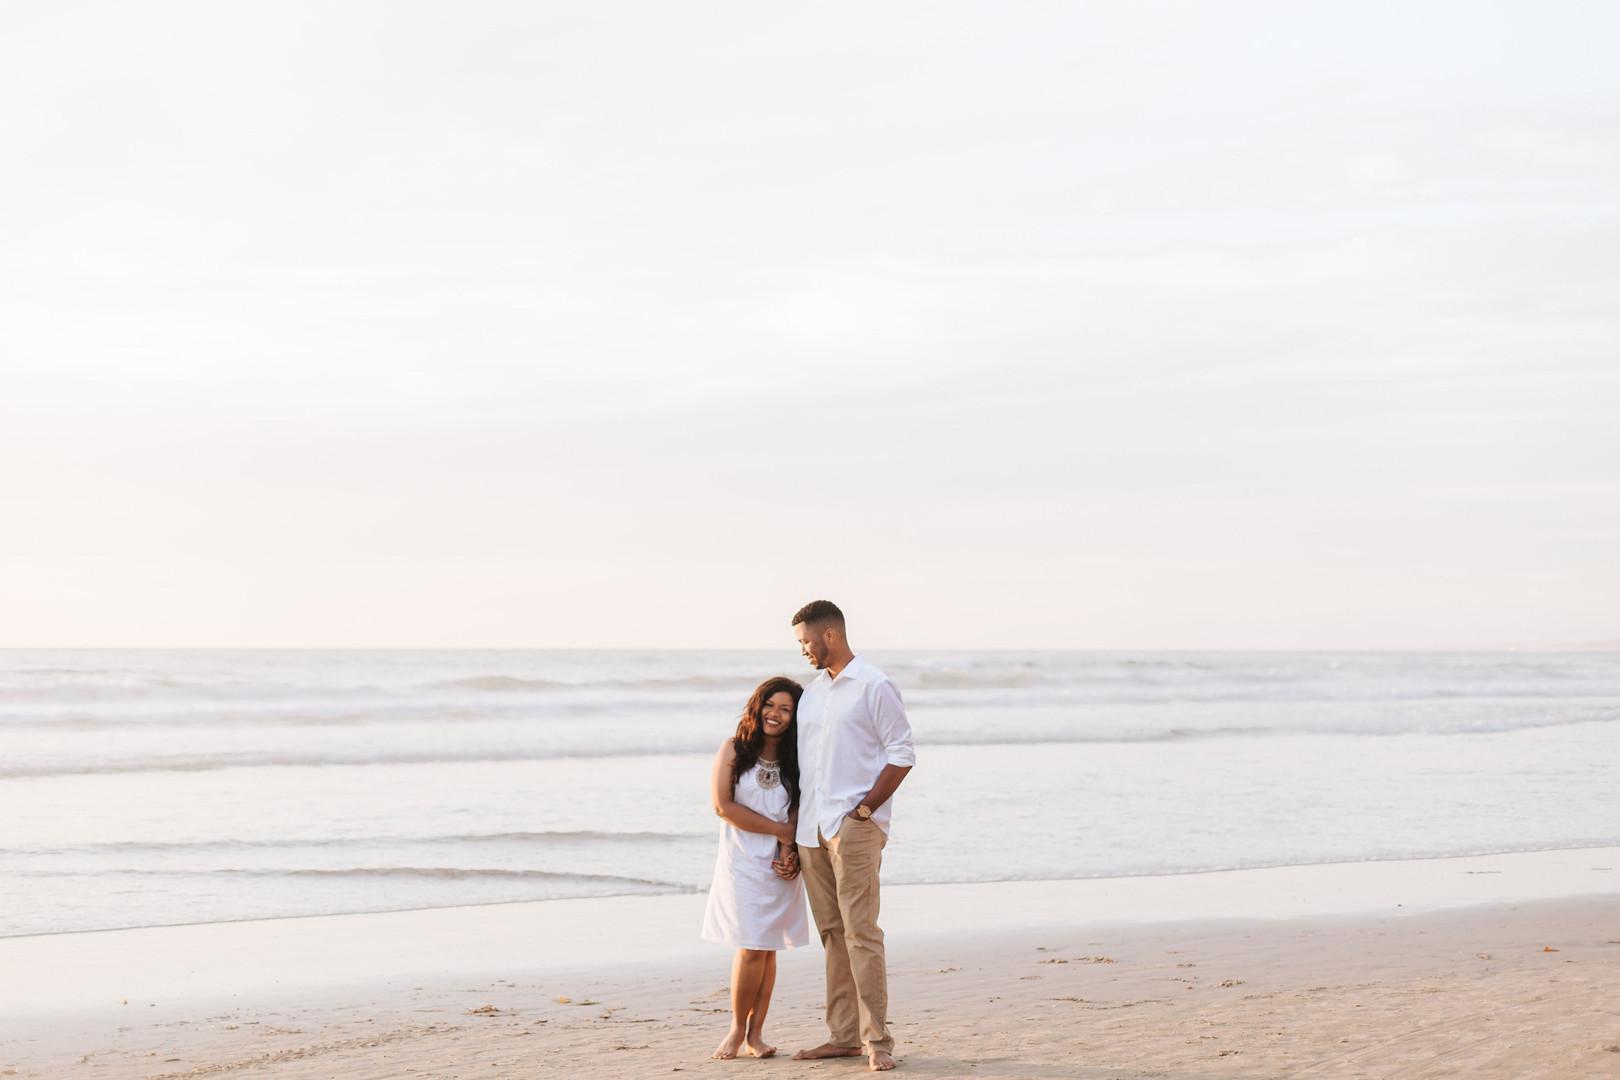 La Jolla Shores Engagement Photography